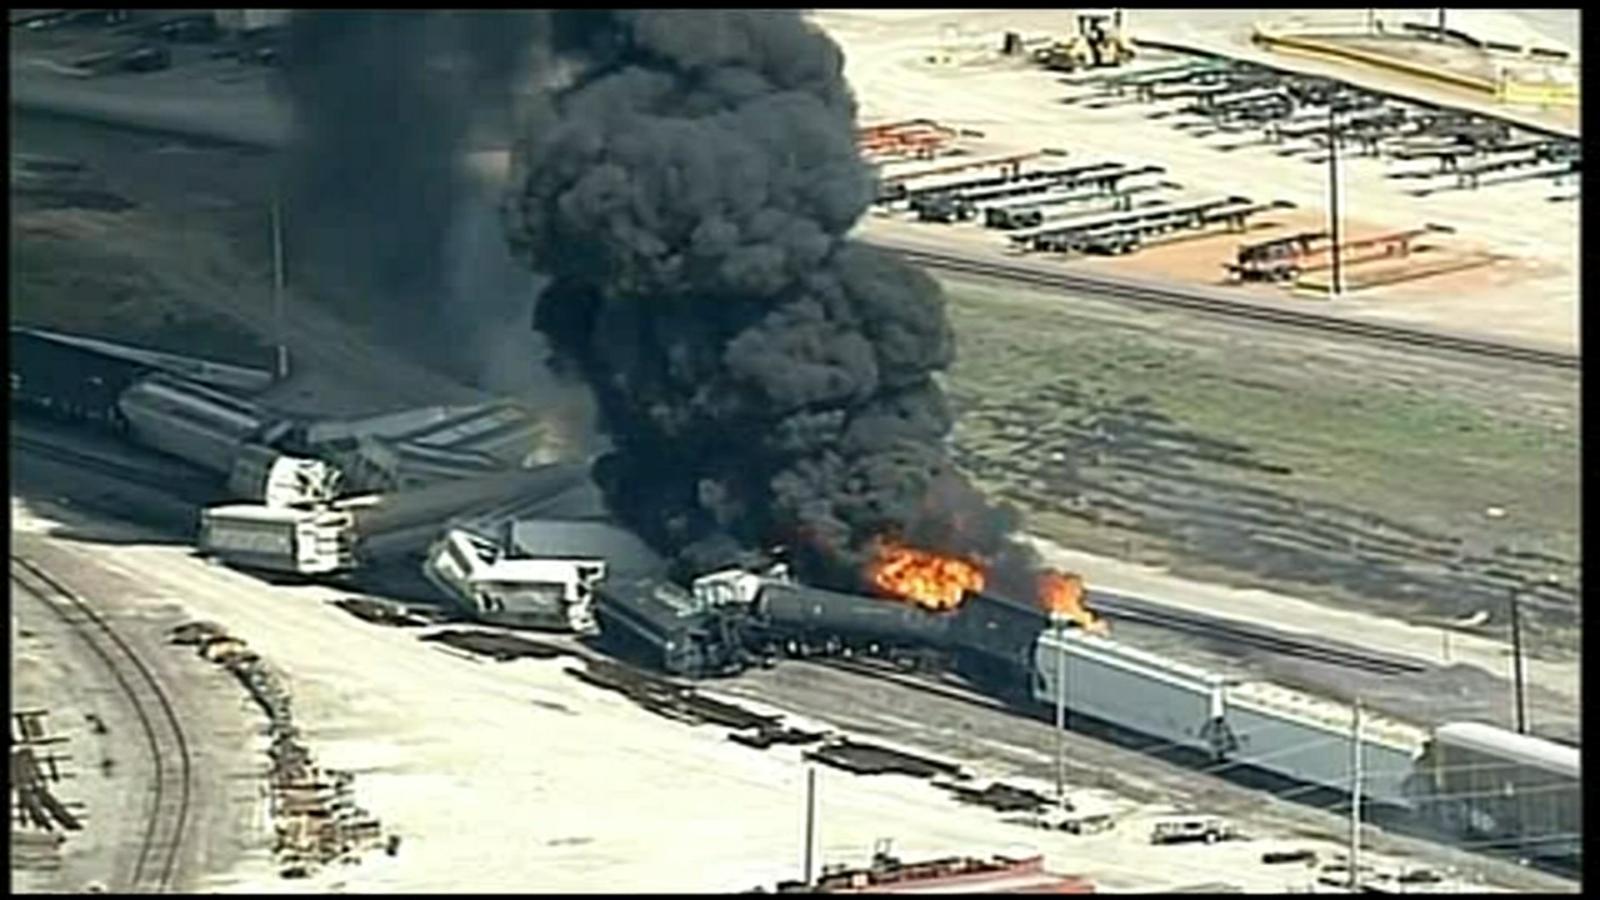 Dupo Illinois Train Derailment By Union Pacific Freight Train Causes Massive Fire